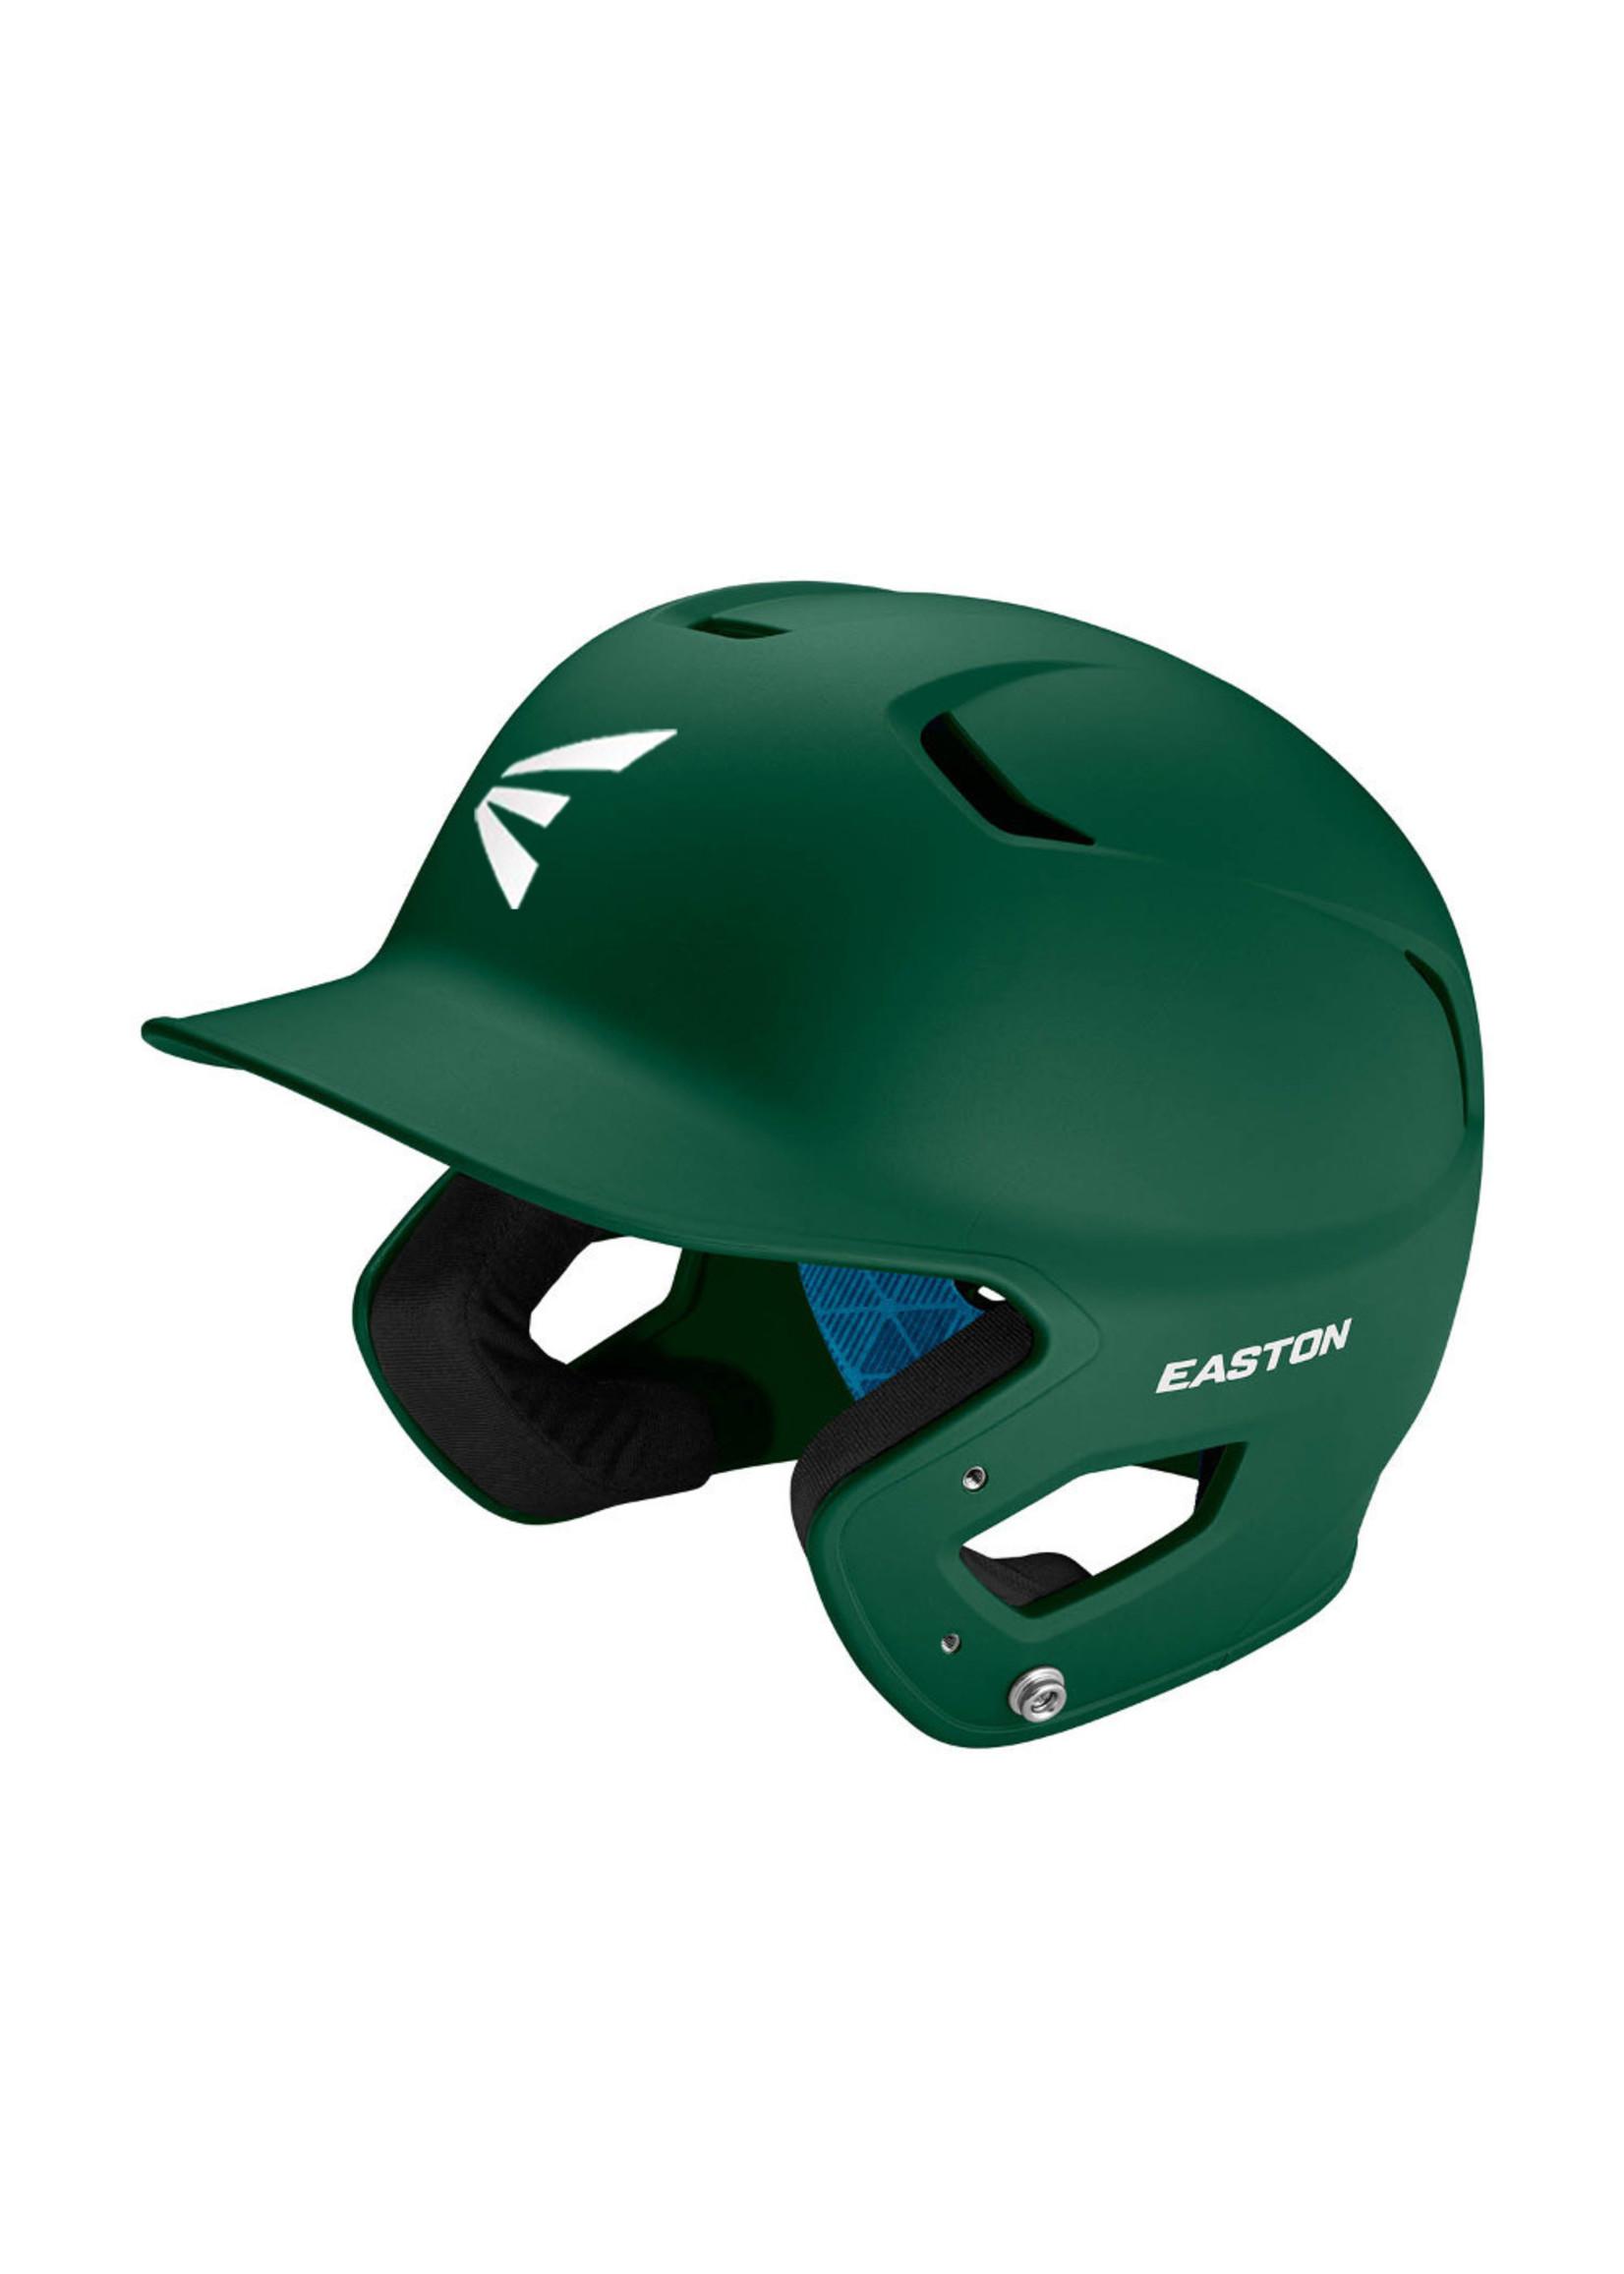 Easton Baseball (Canada) EASTON Z5 2.0 SR HELMET